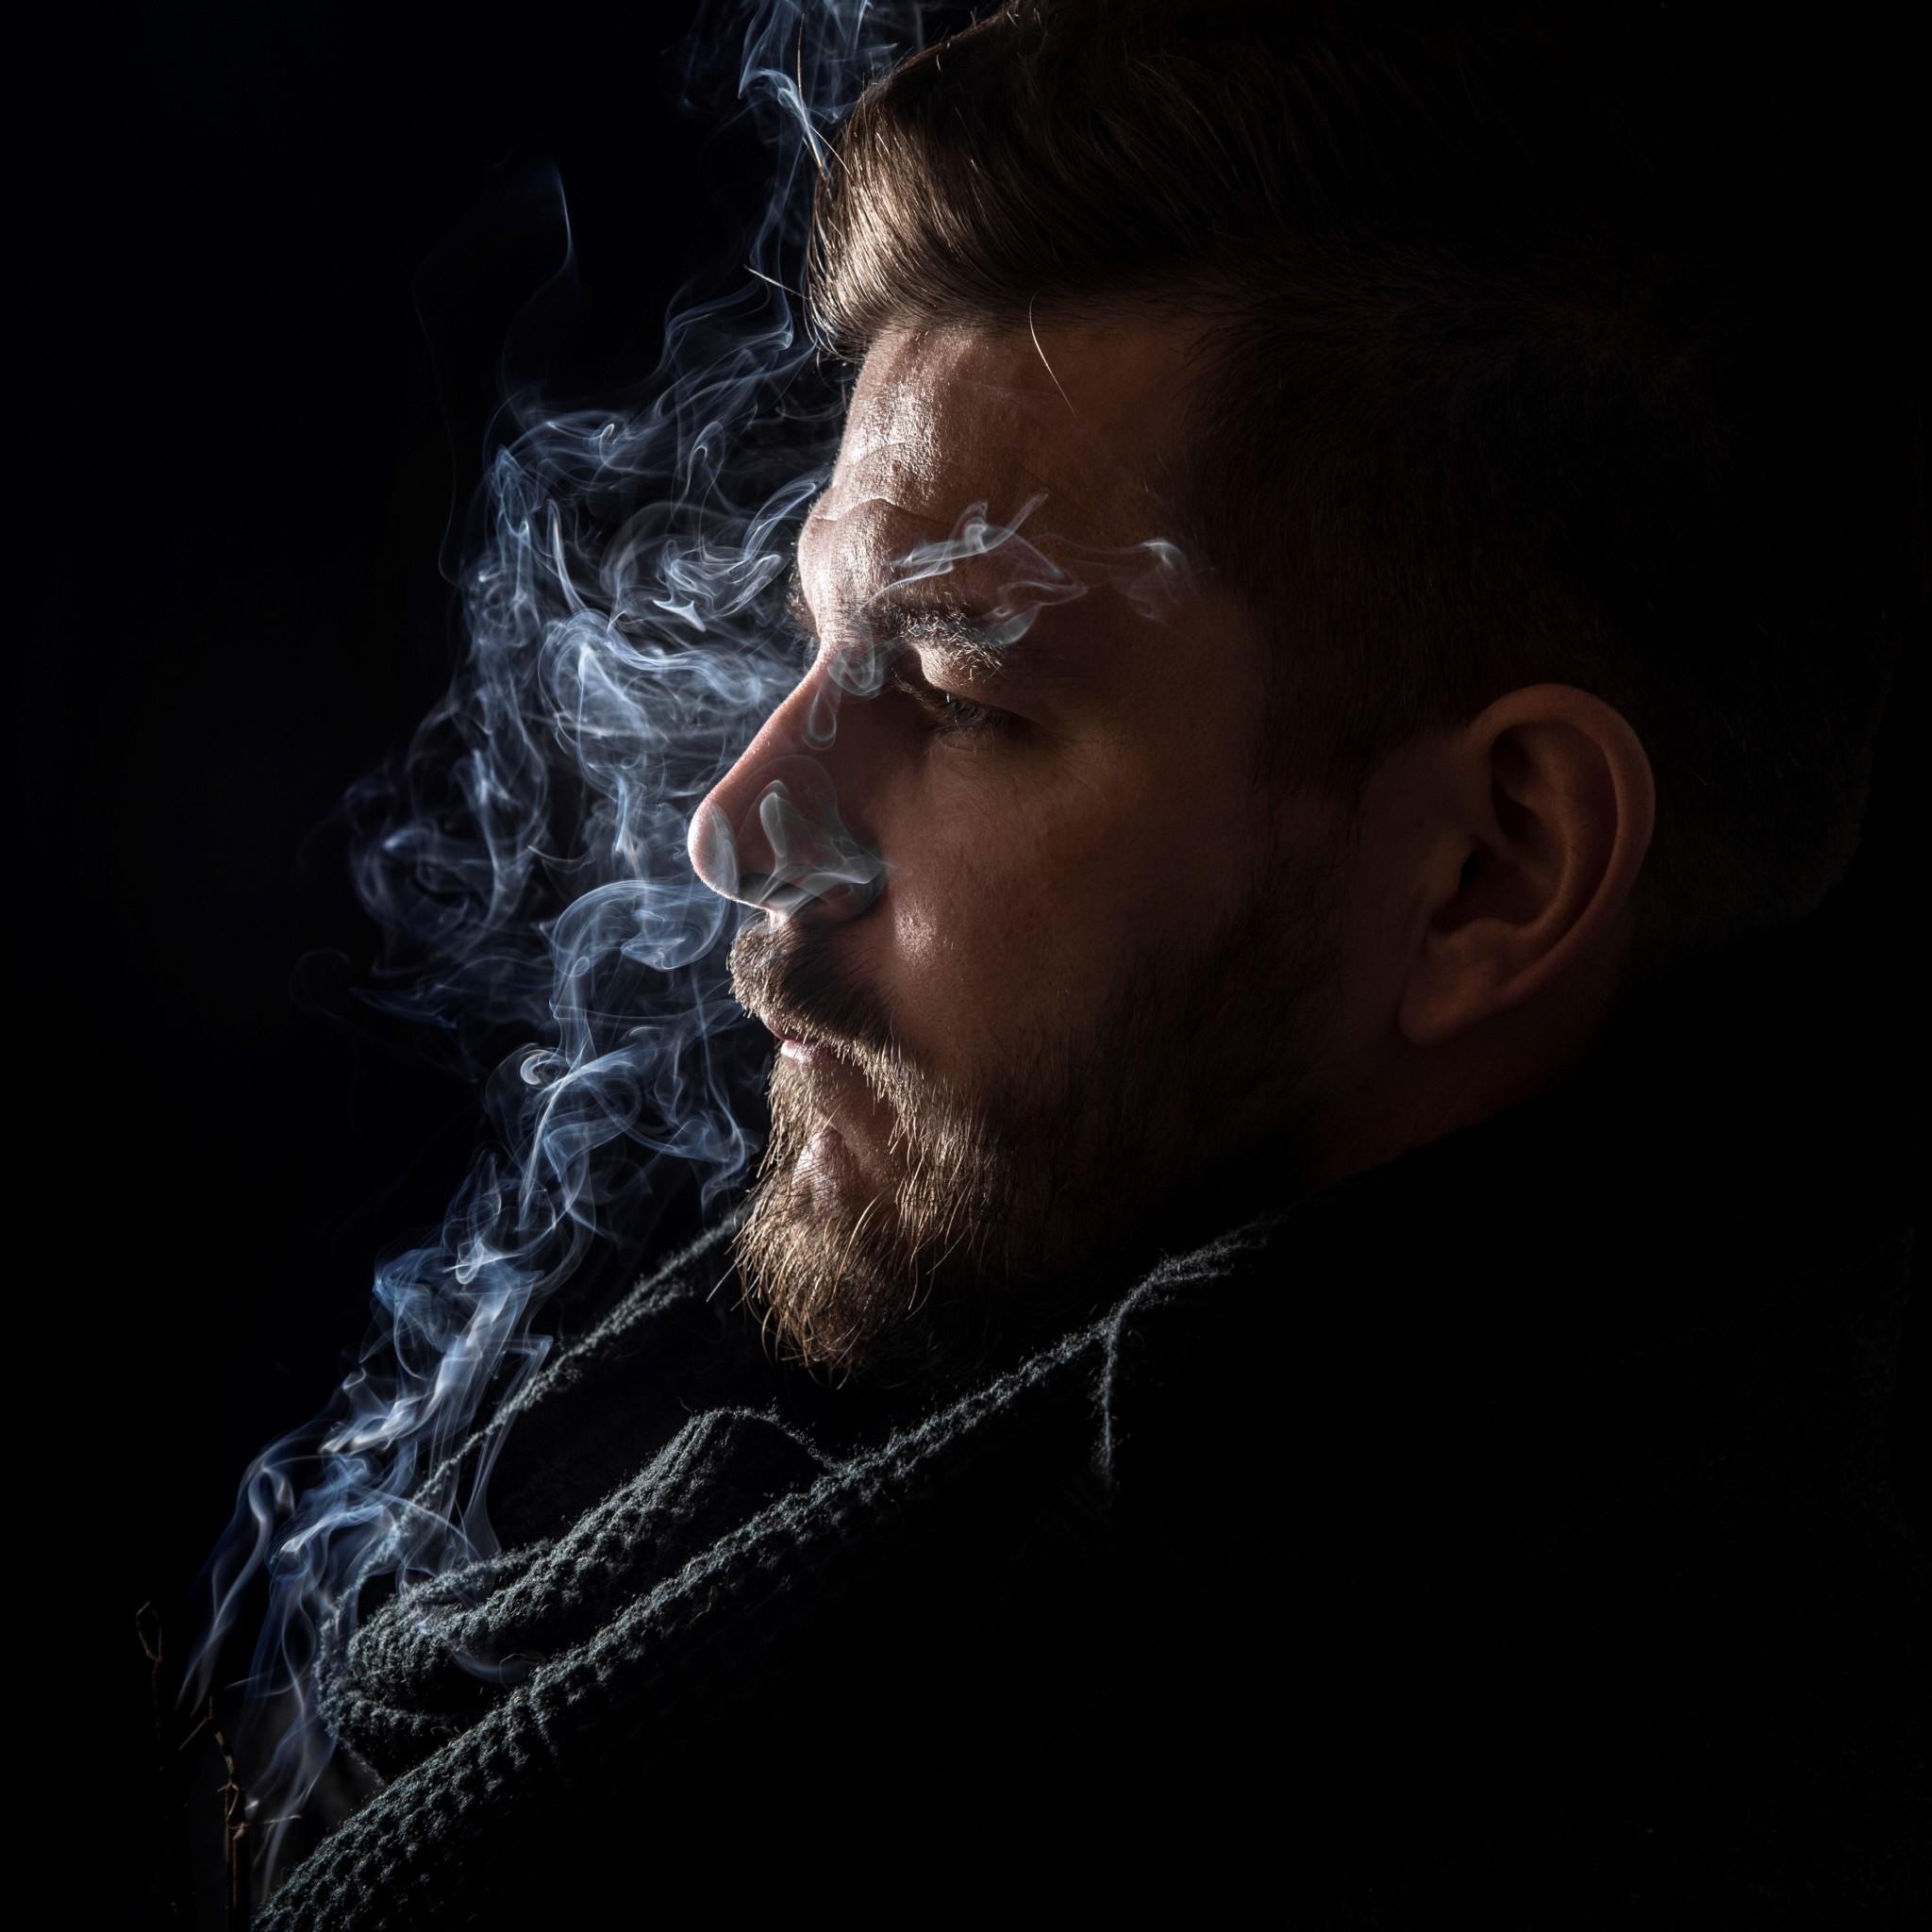 Kreatívne portréty muži